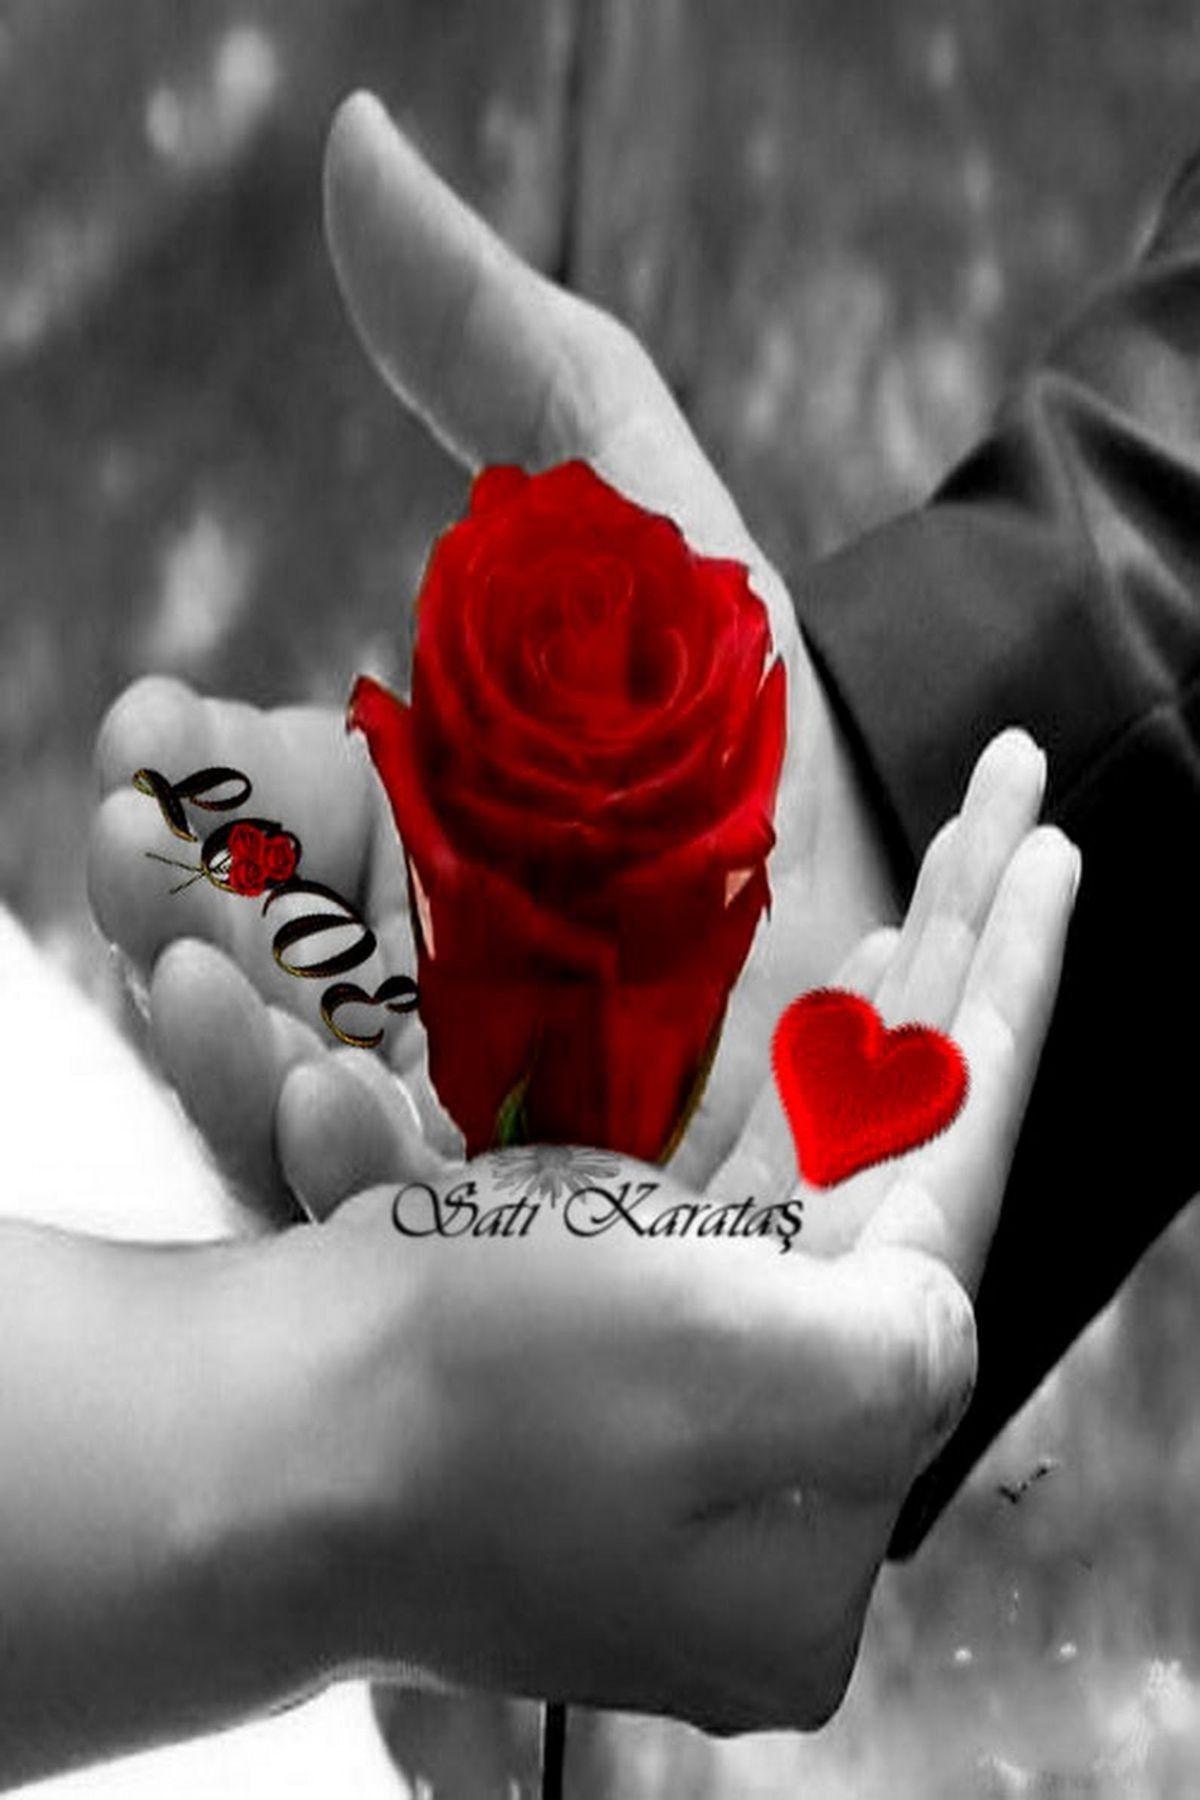 والحب حرفان تفصيلا واجمالا حرف يذيب القلب وحرف يشغل البال فحاءه حيره Imagens Romanticas Frases Engracadas Para Whatsapp Casal Apaixonado